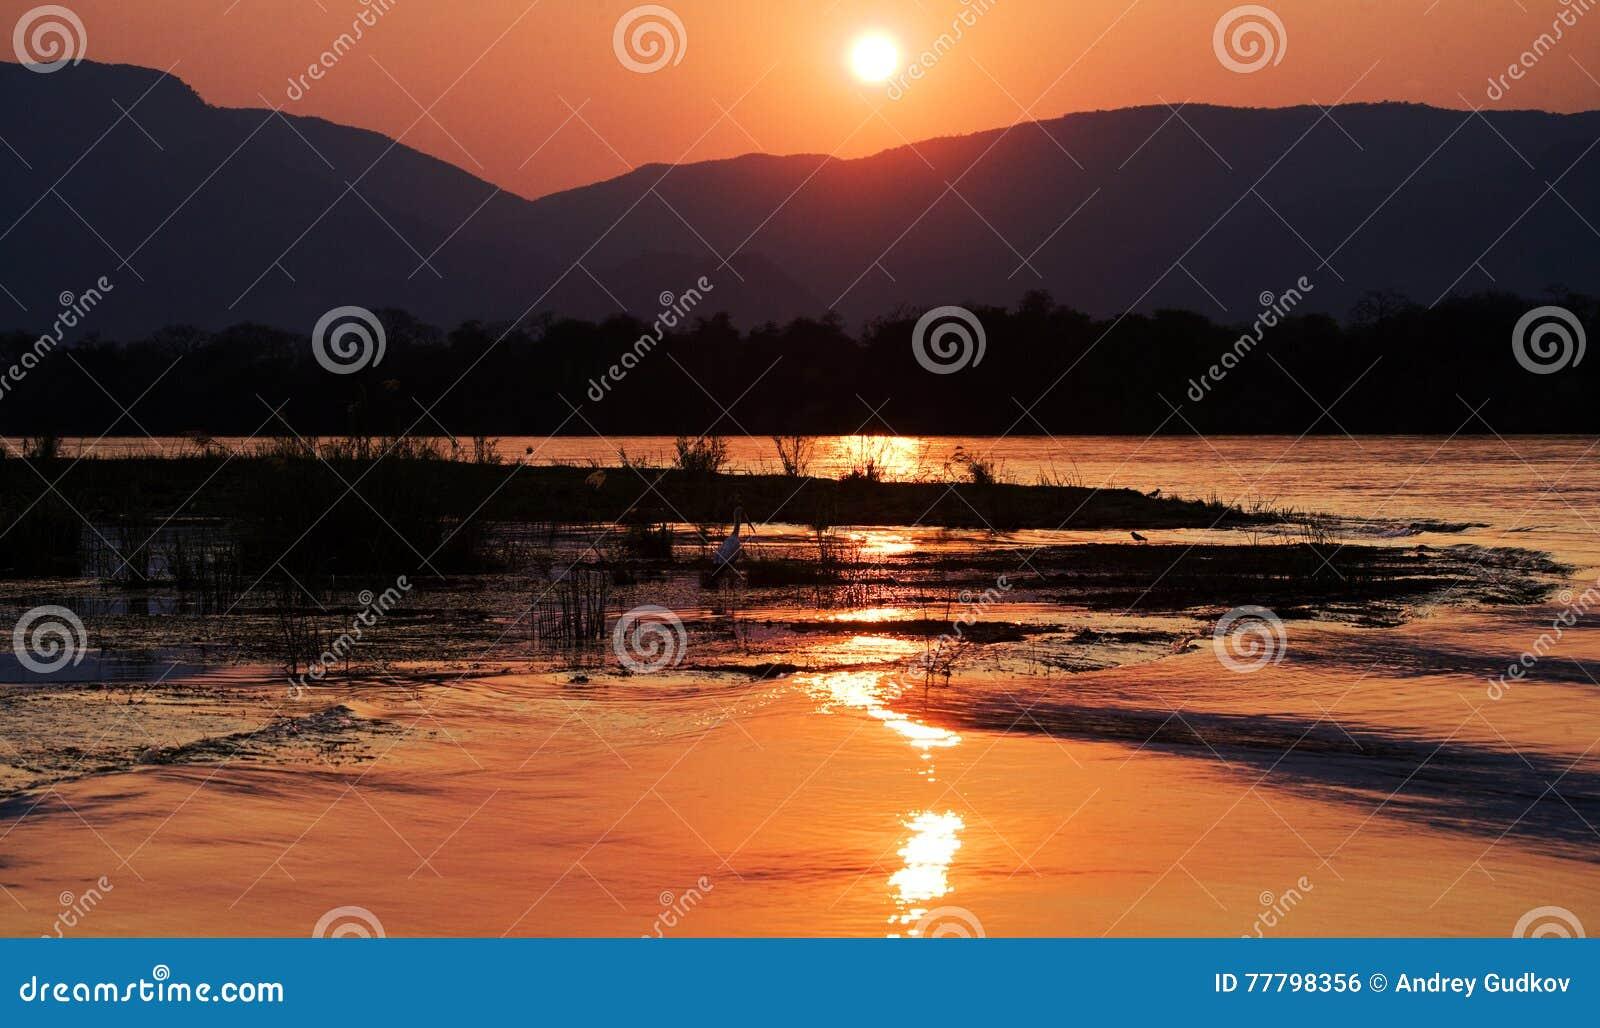 Zmierzch na Zambezi rzece africa Granica zambiowie i Zimbabwe